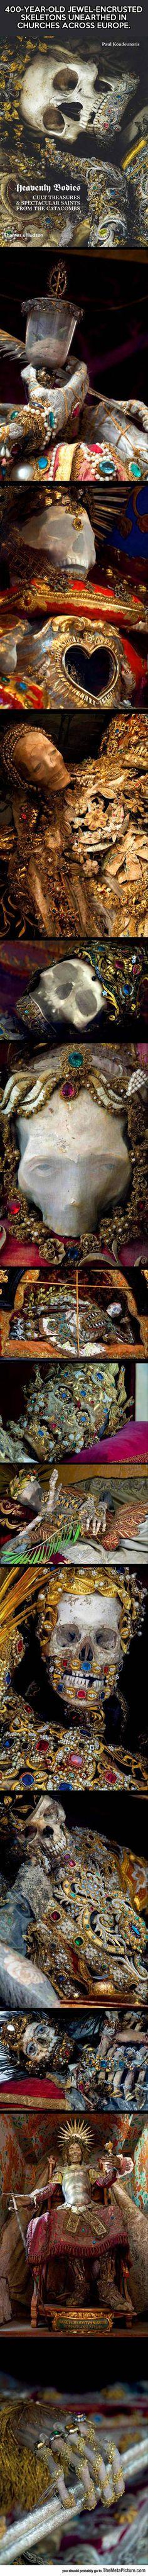 Skeletons In Churches Across Europe @genashguin